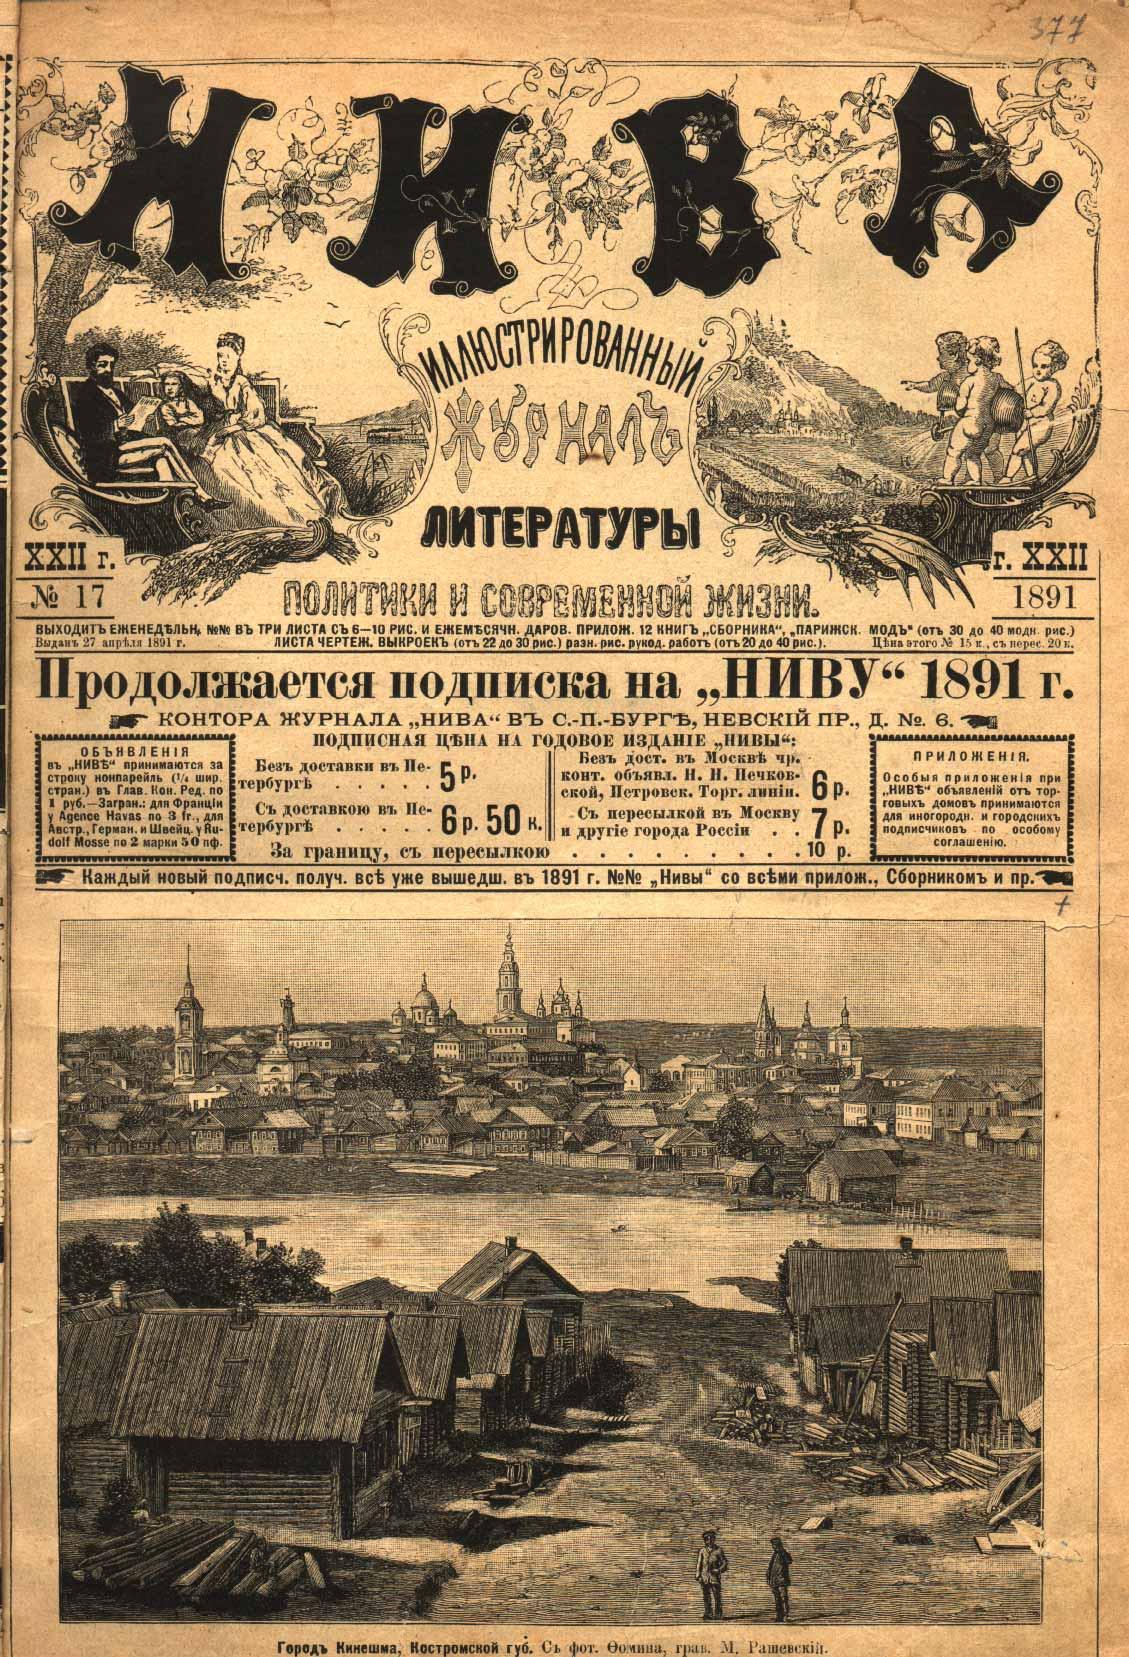 History of Vazovskaya Niva